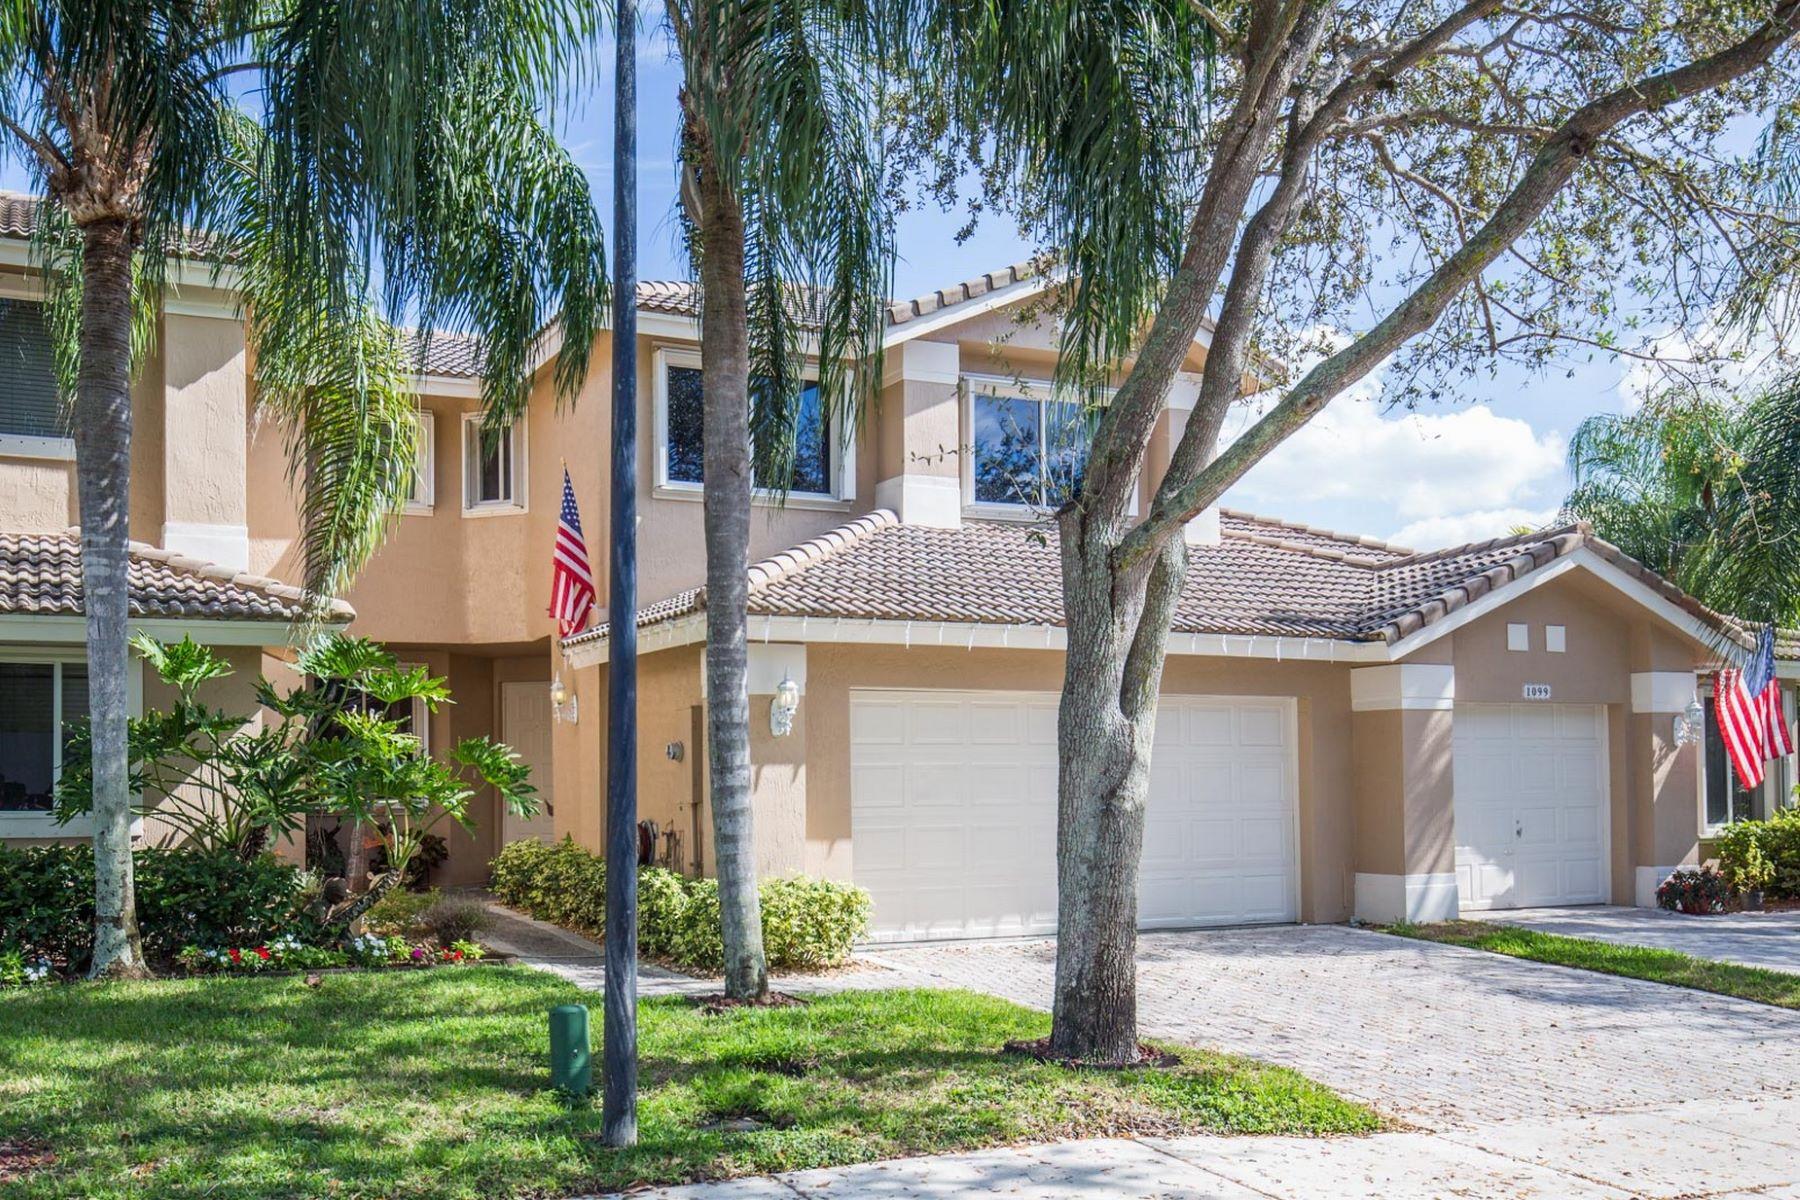 Residência urbana para Venda às 1087 Sw 158th Way #1087 1087 Sw 158th Way 1087 Pembroke Pines, Florida, 33027 Estados Unidos